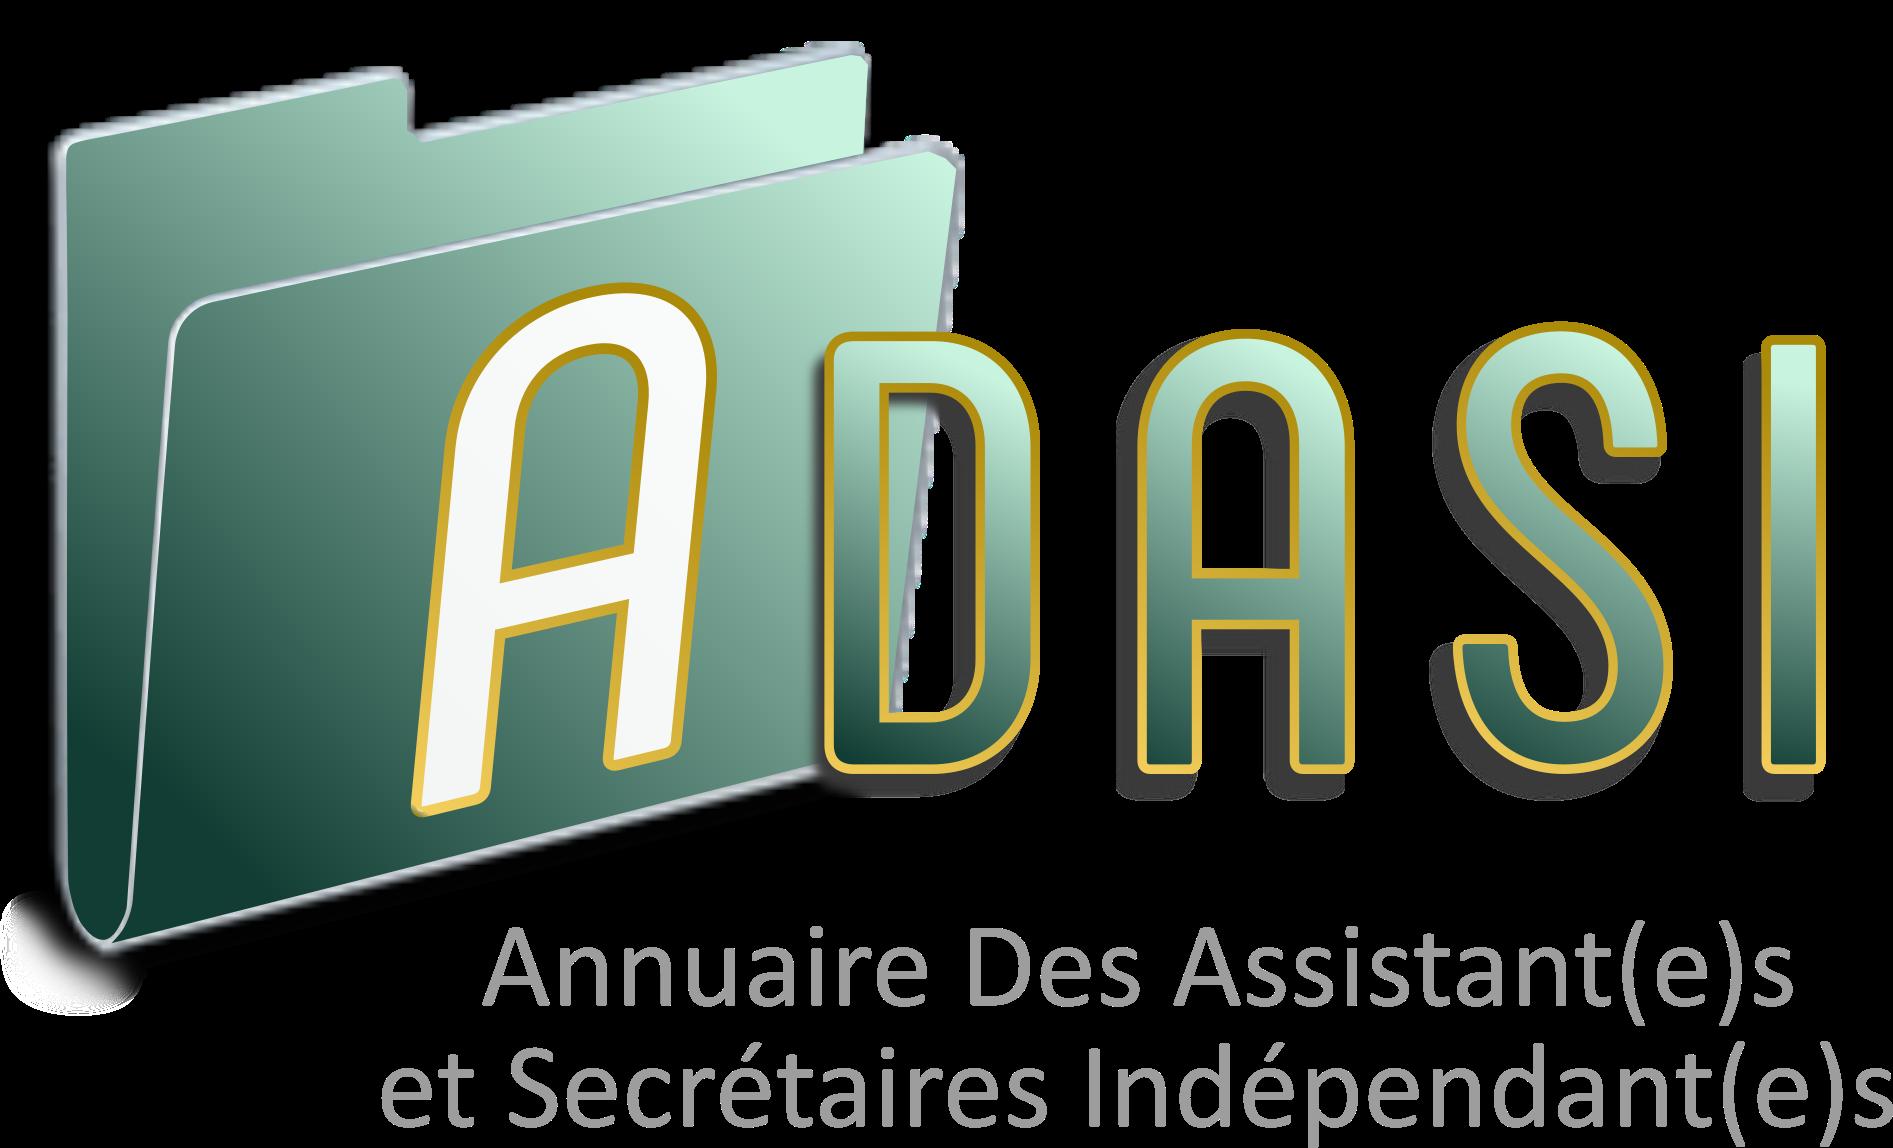 Annuaire Des Assistantes et Secrétaires Indépendantes